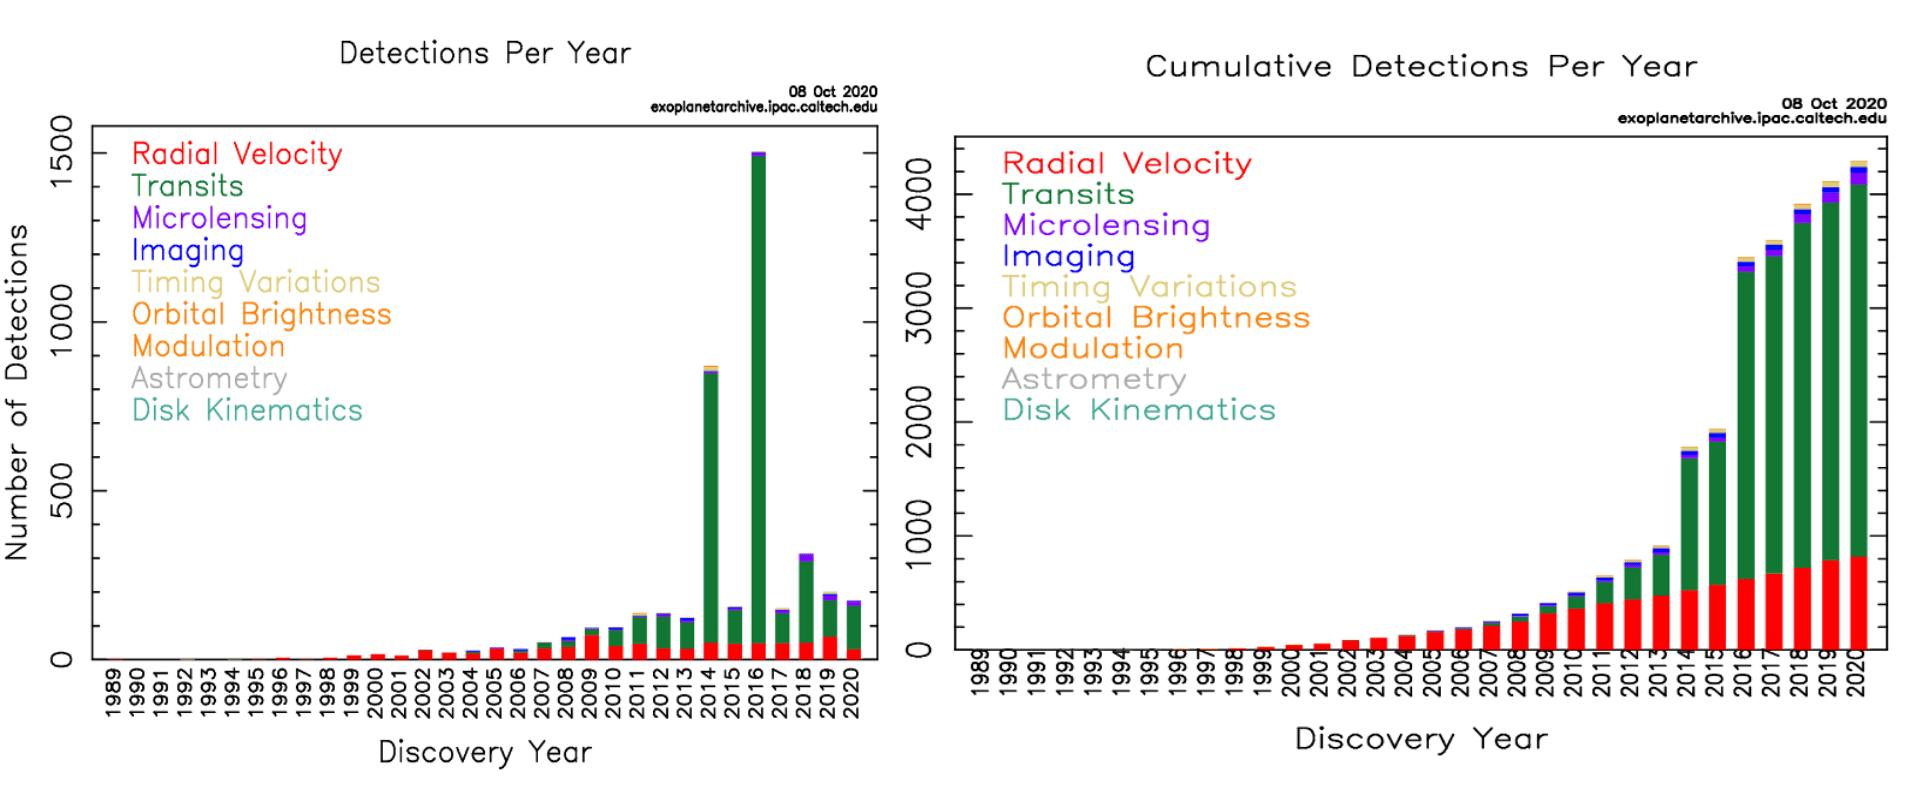 A destra un diagramma cumulativo degli esopianeti scoperti dal 1995 ad oggi. Ogni colore rappresenta una diversa tecnica utilizzata. Il diagramma a sinistra rappresenta gli Esopianeti scoperti per ogni anno. Credits: Exoplanets archive